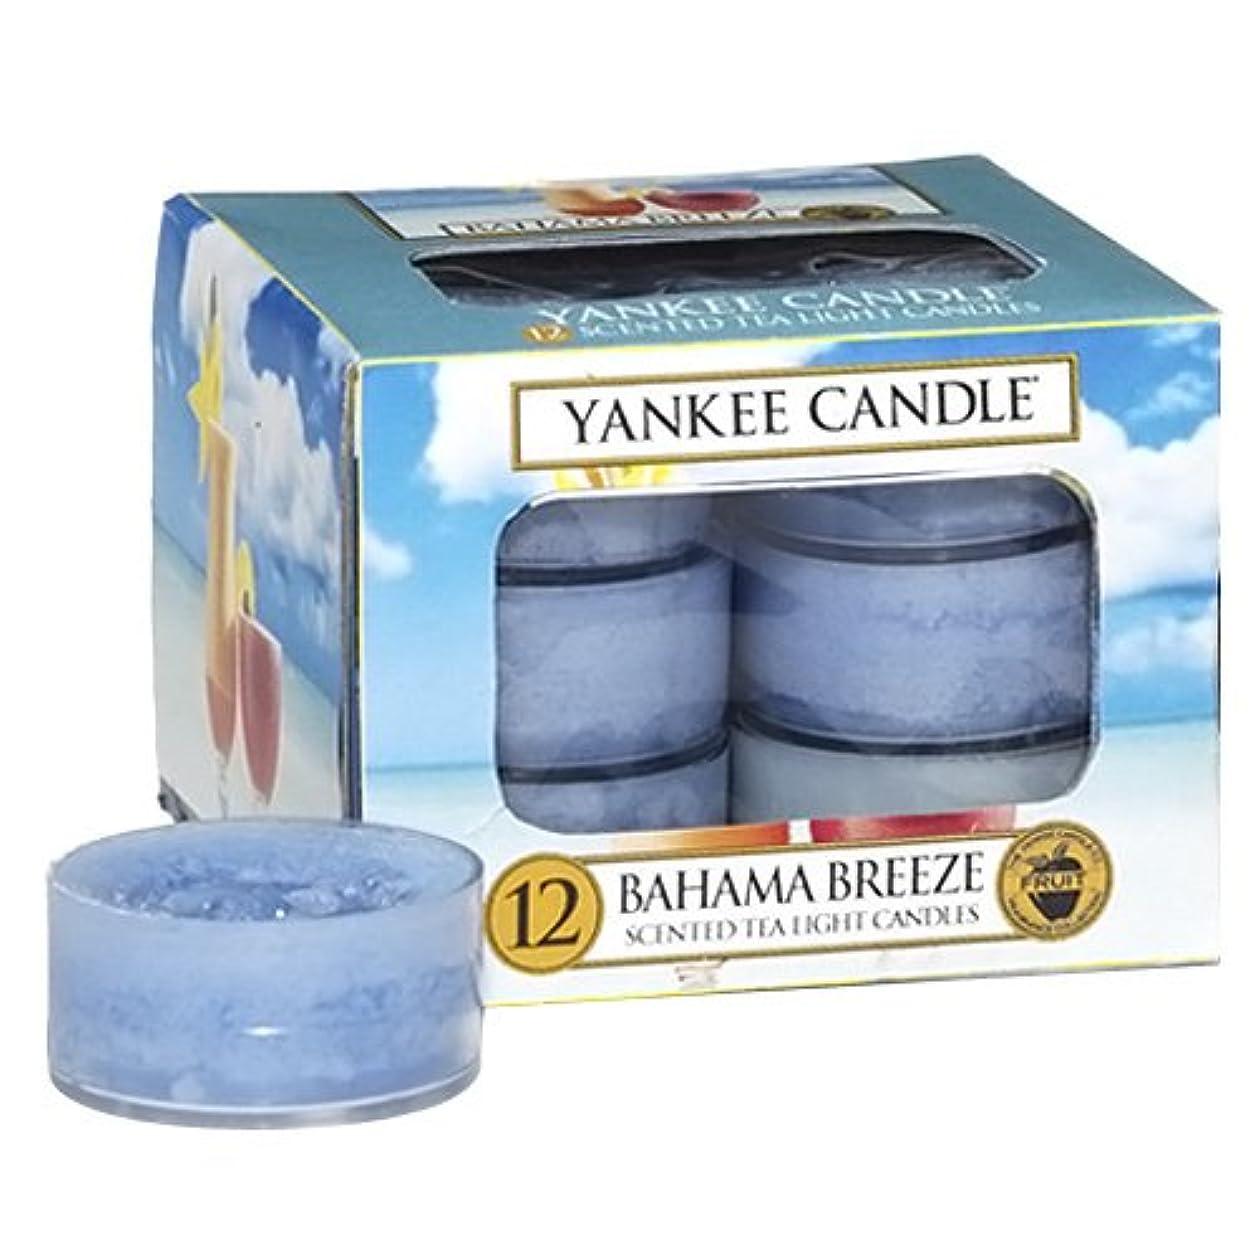 可塑性アウトドア呼吸するYankee Candle Bahama Breeze、フルーツ香り Tea Light Candles ブルー 1205310